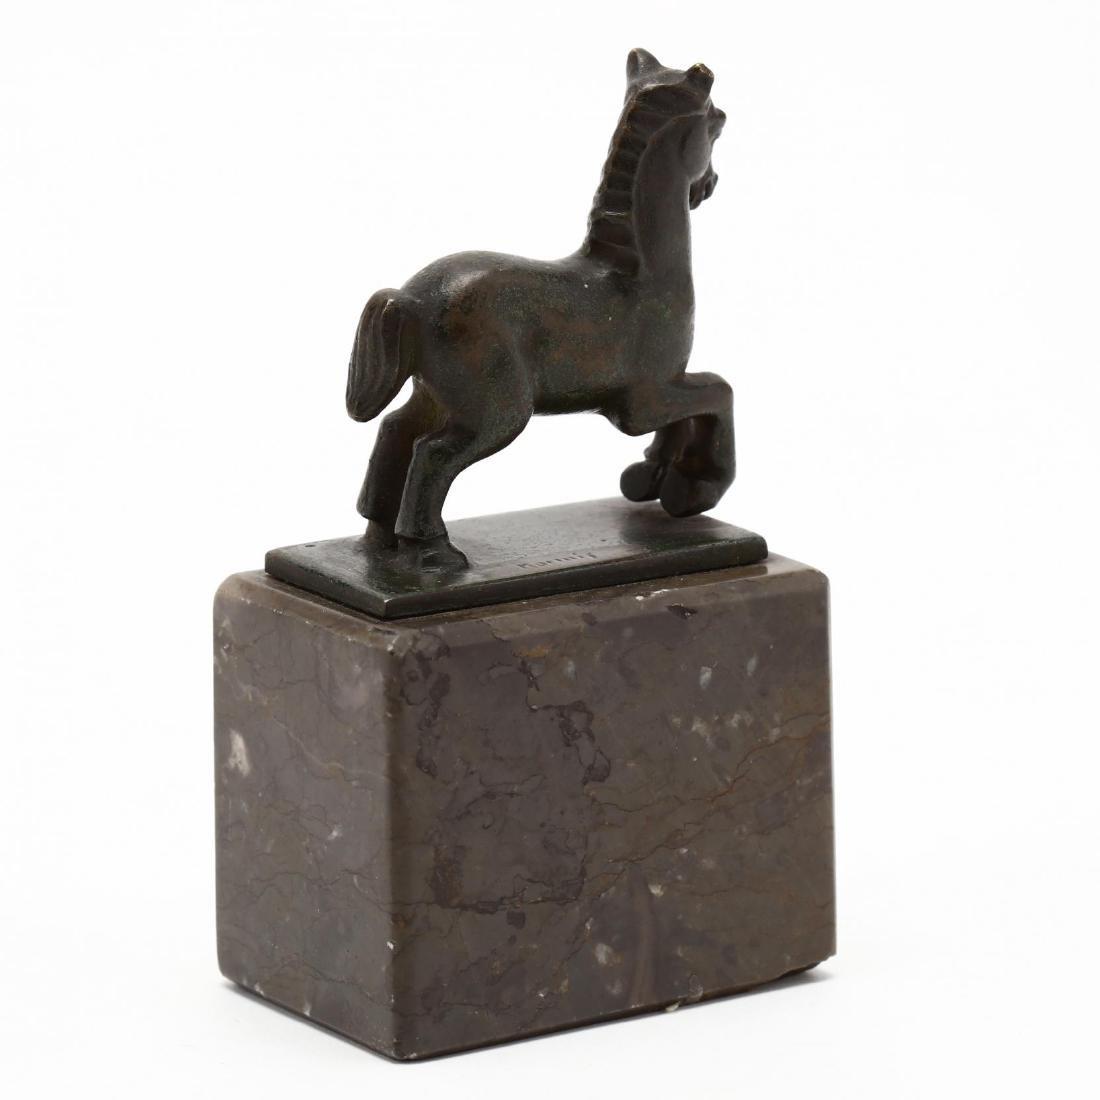 Fred Kormis (German/British, 1894-1986), Diminutive Art - 3